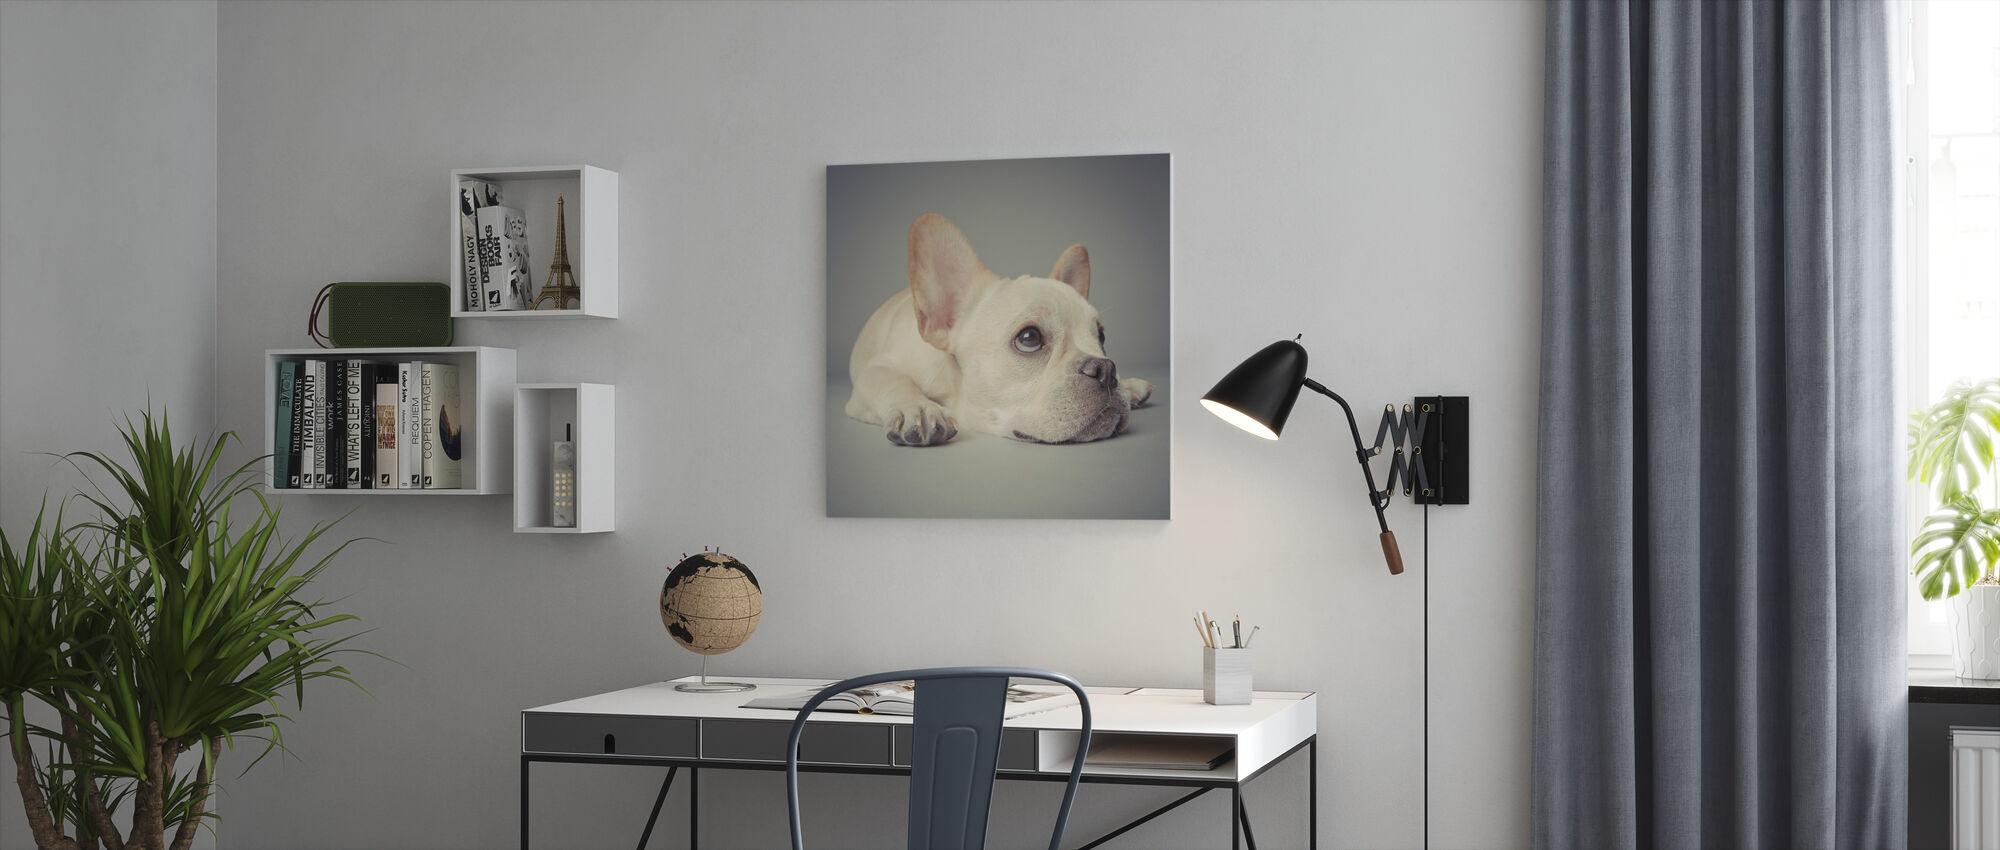 Why so Glum - Canvas print - Office